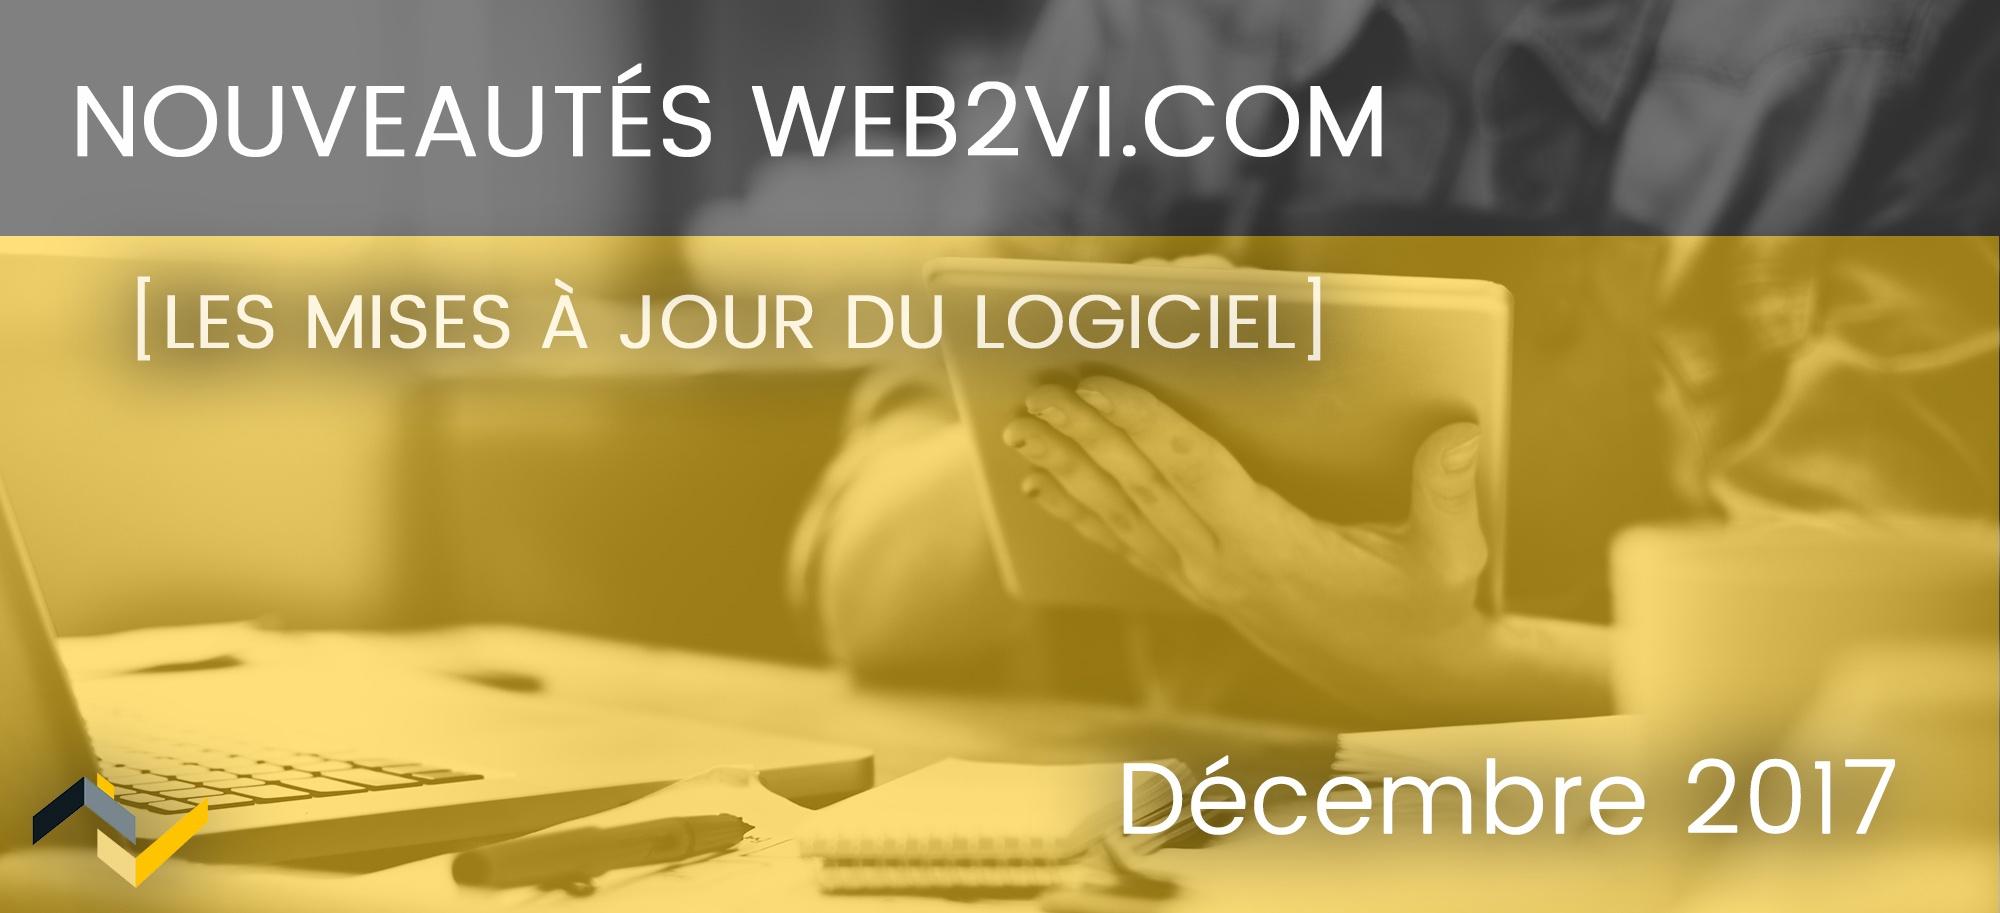 Les nouveautés de la plateforme Web2vi.com - Décembre 2017